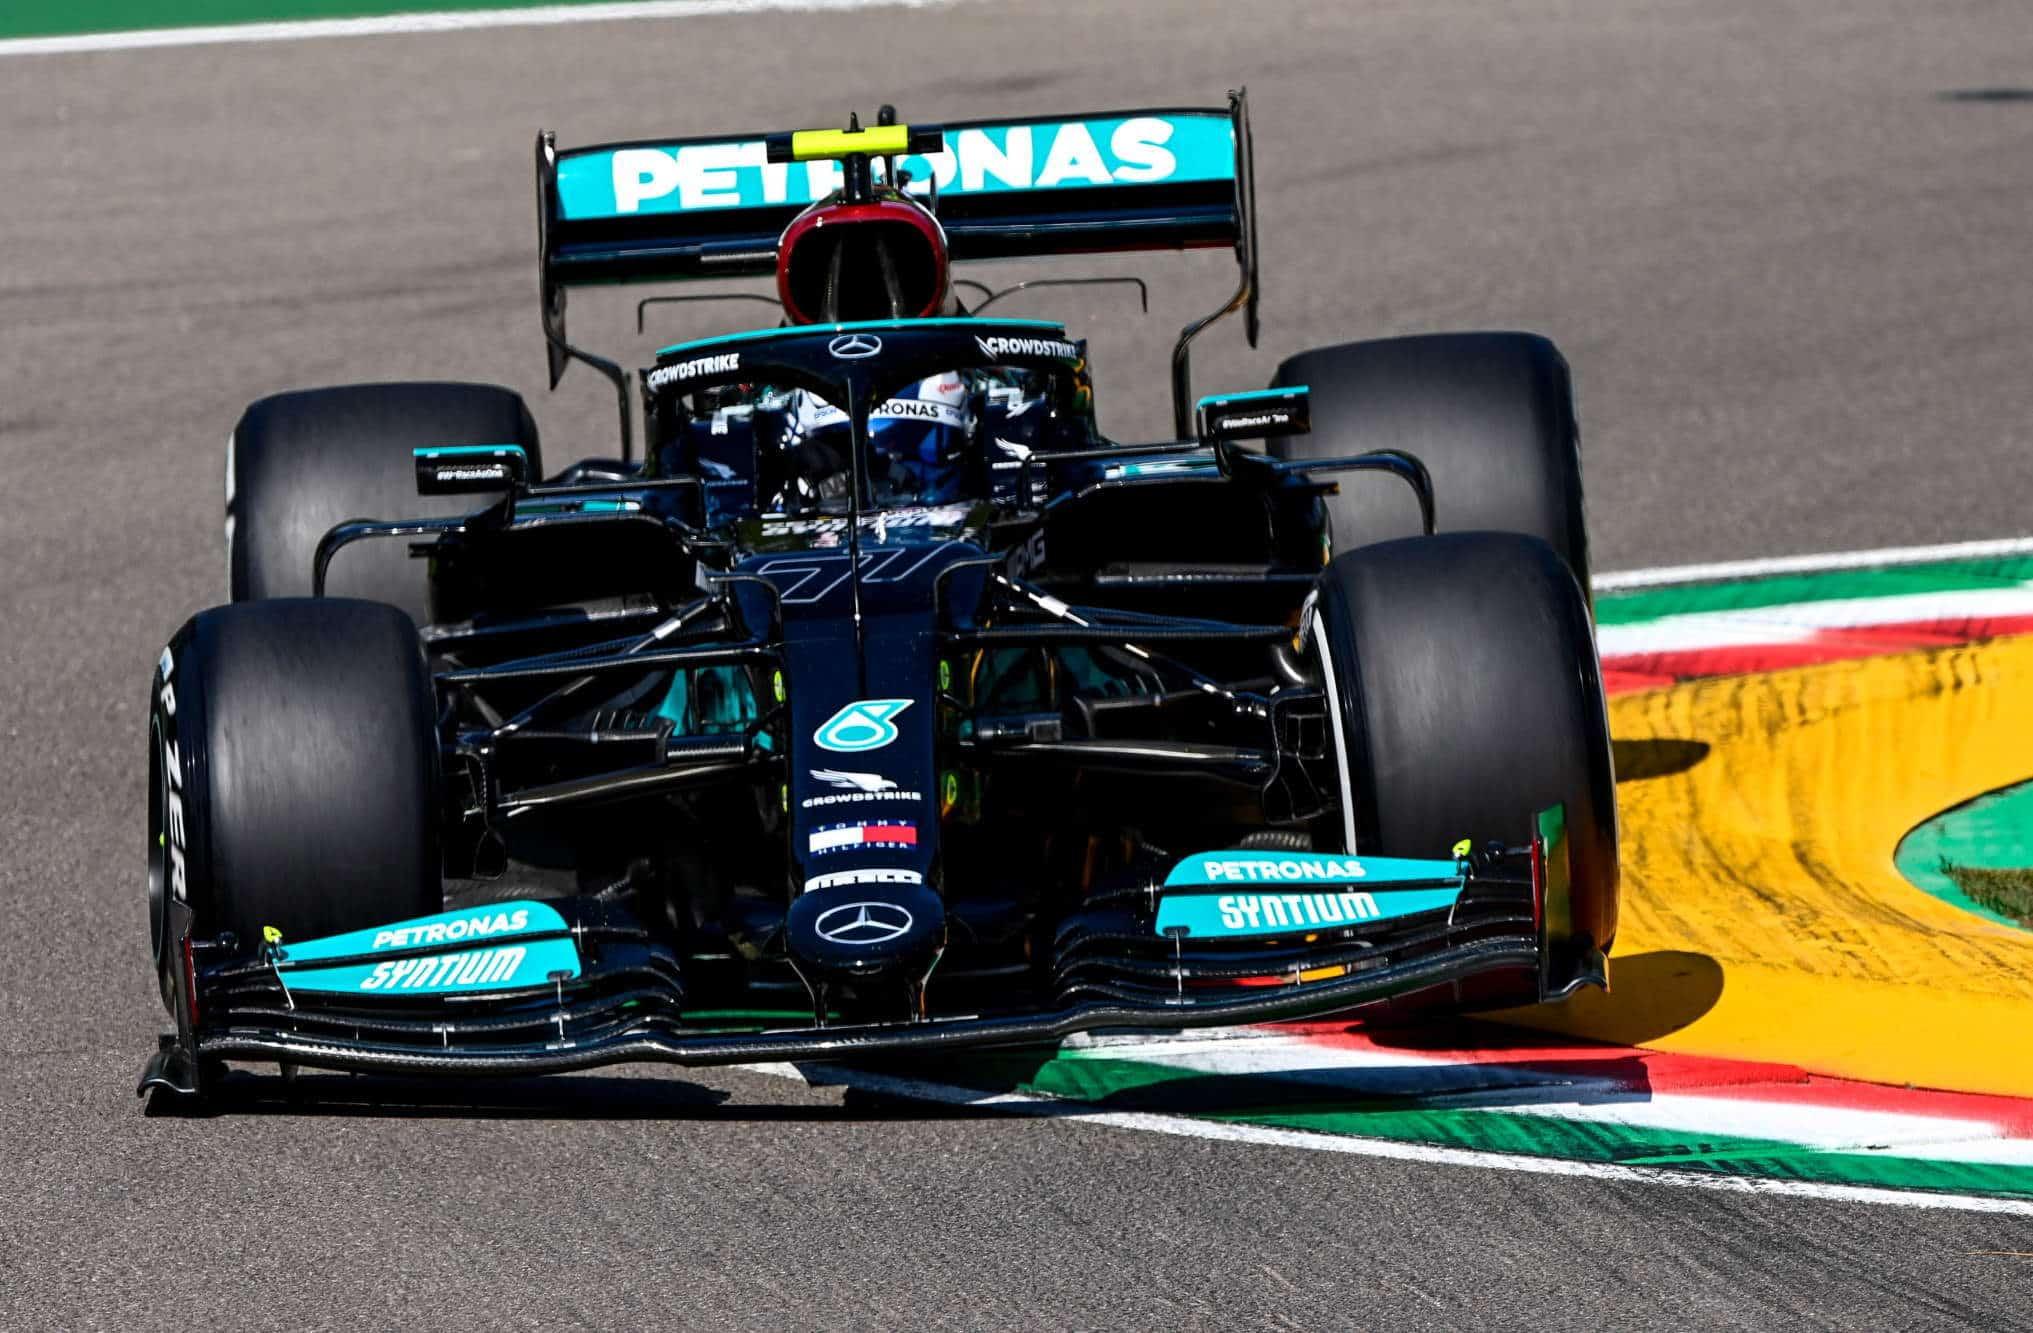 2021 Emilia Romagna GP Imola Bottas Mercedes F1 W12 Photo Daimler